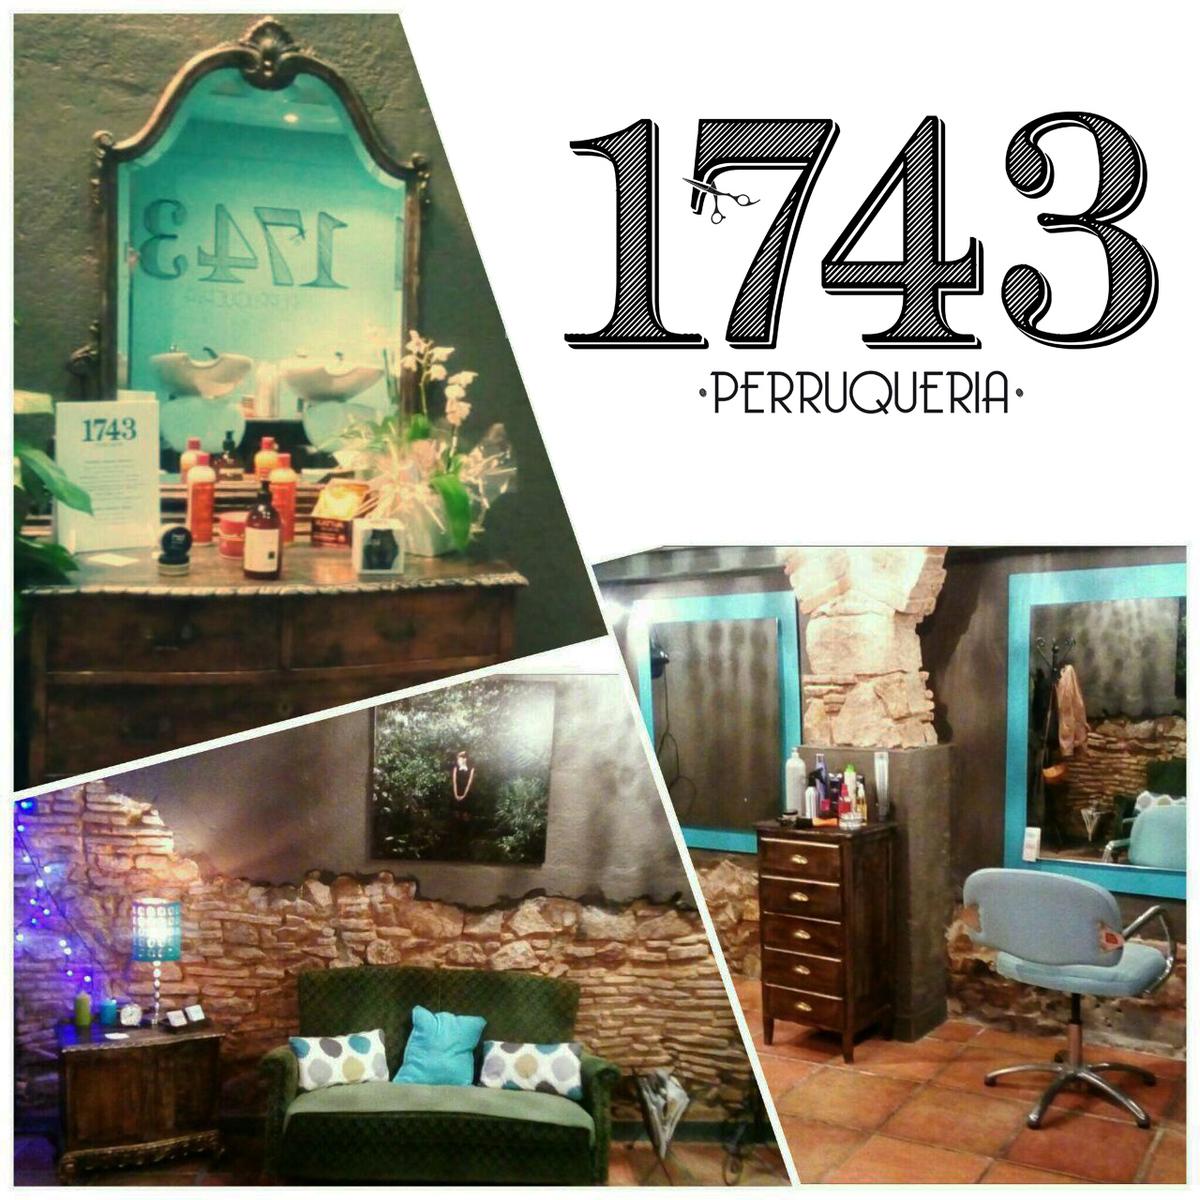 1743 interiors